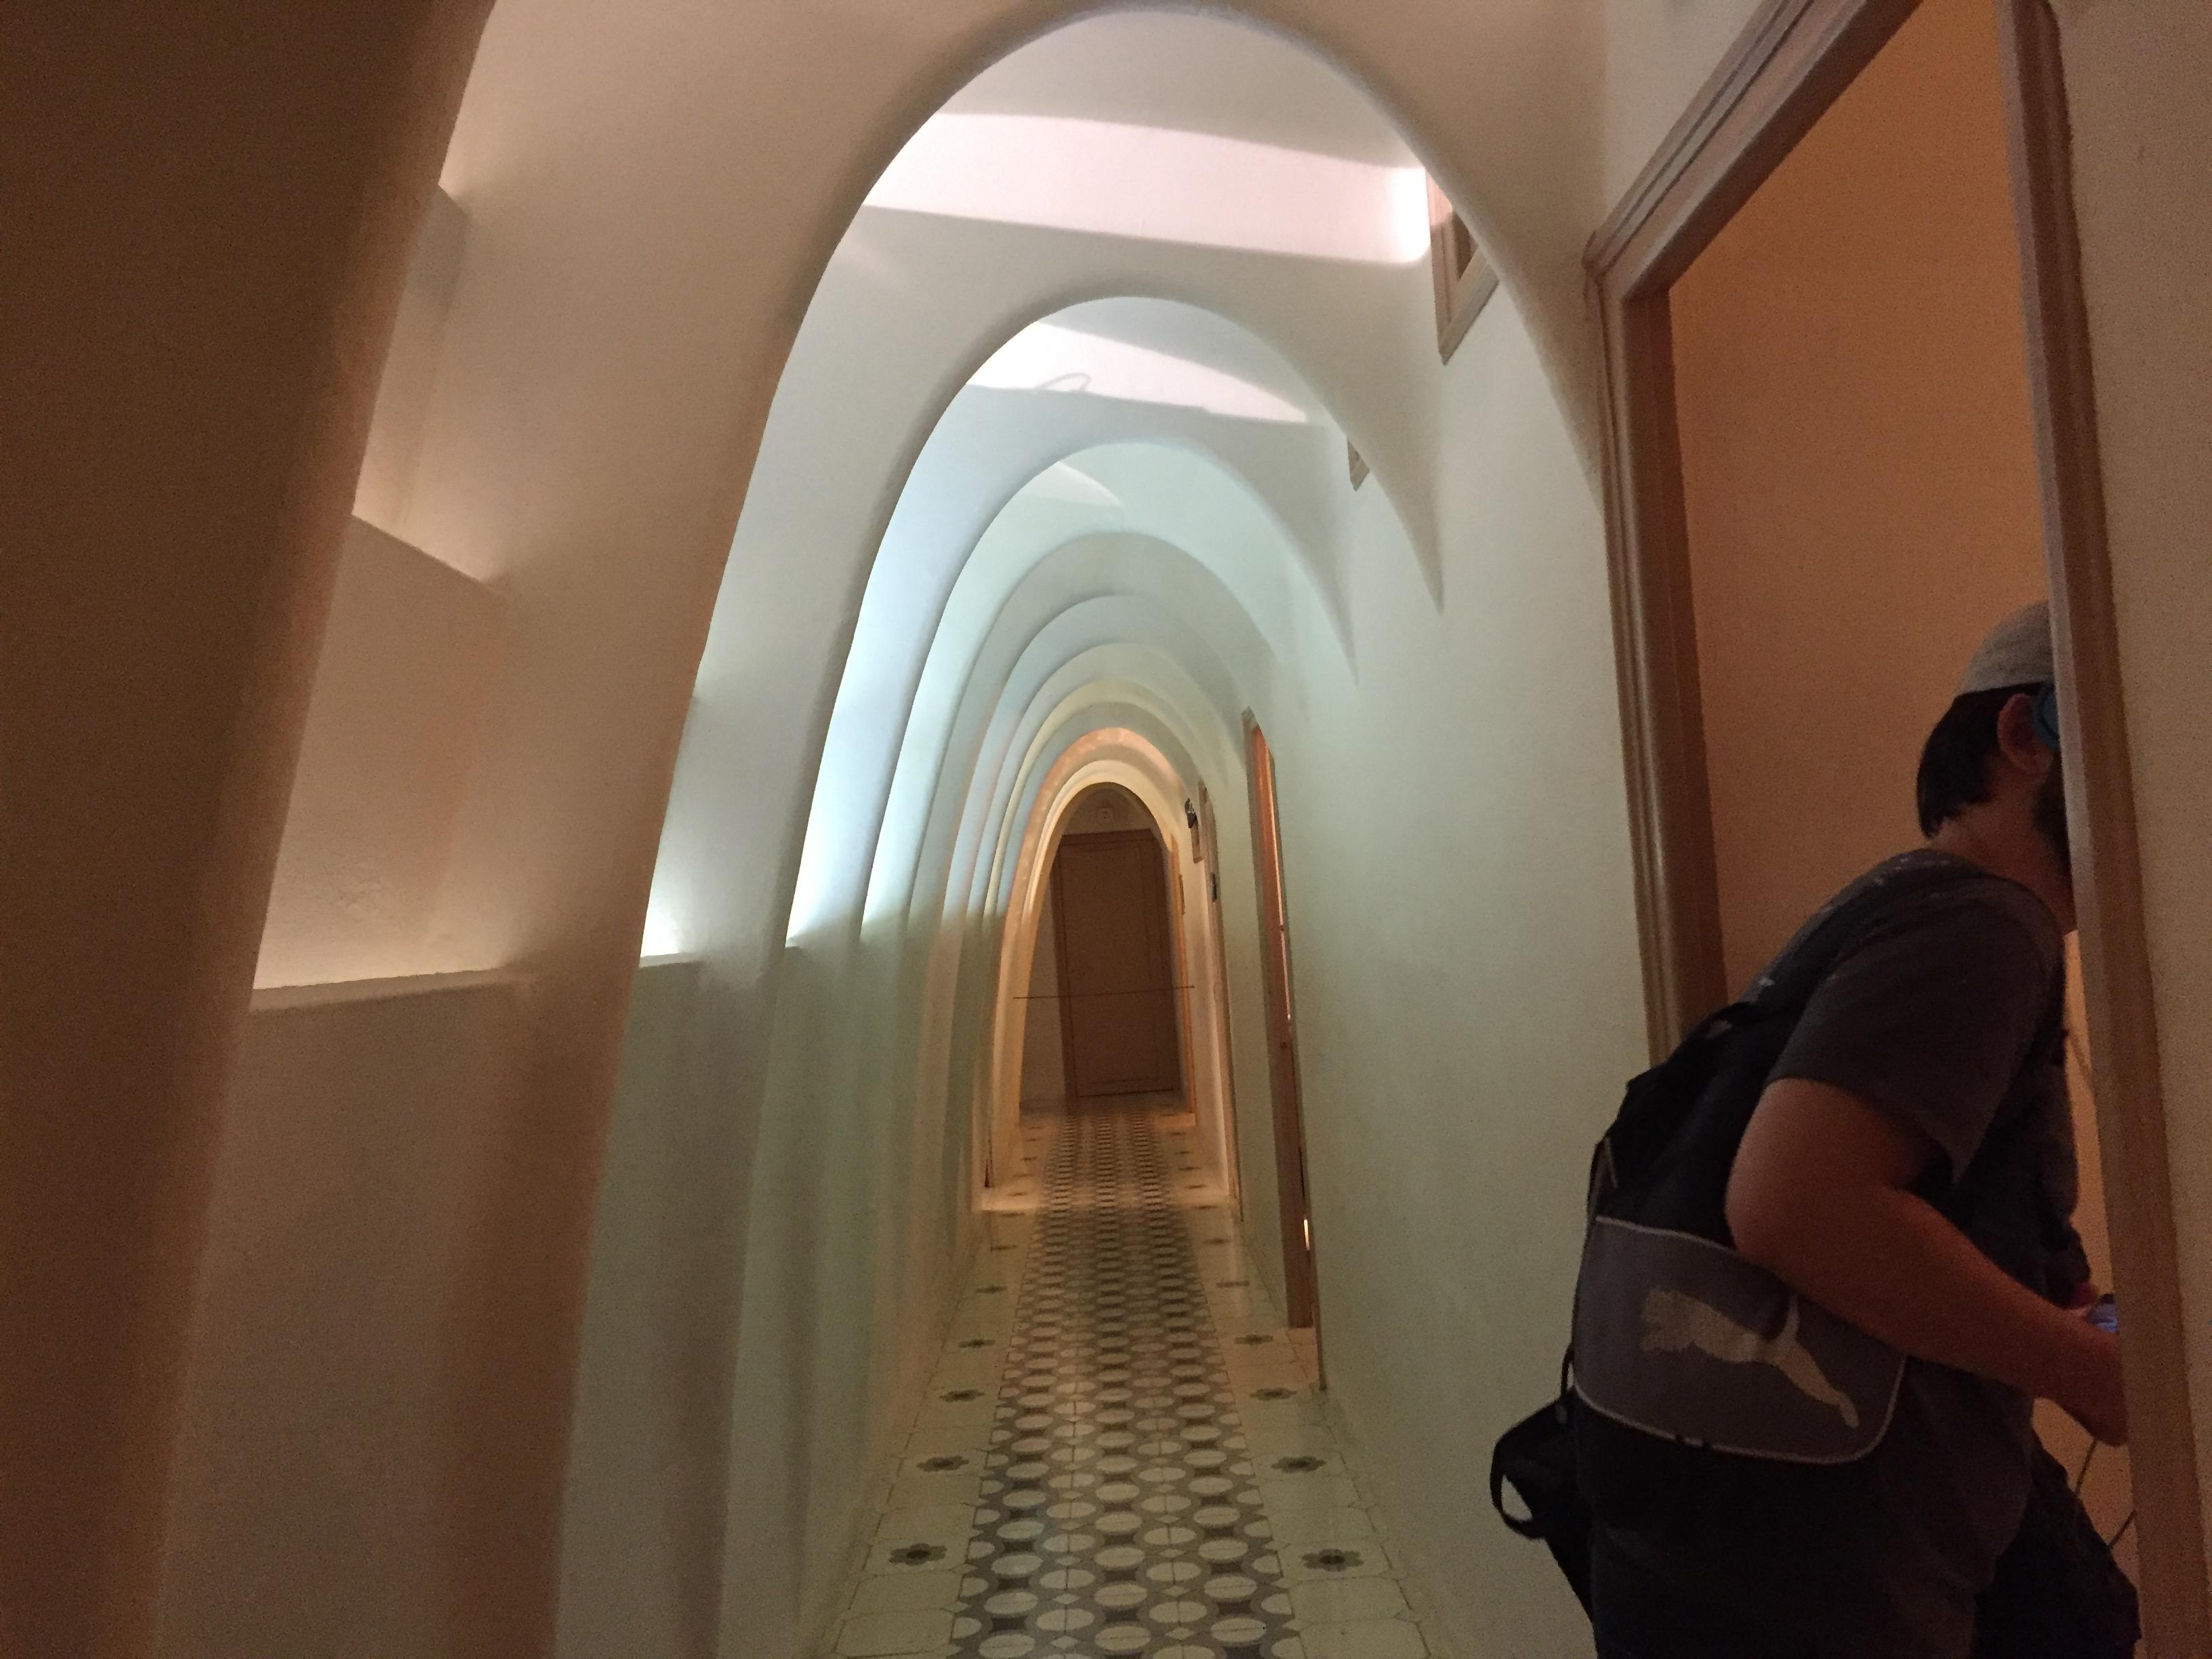 IMG 0886 - Visita a la Casa Batlló en Barcelona Parte II/II